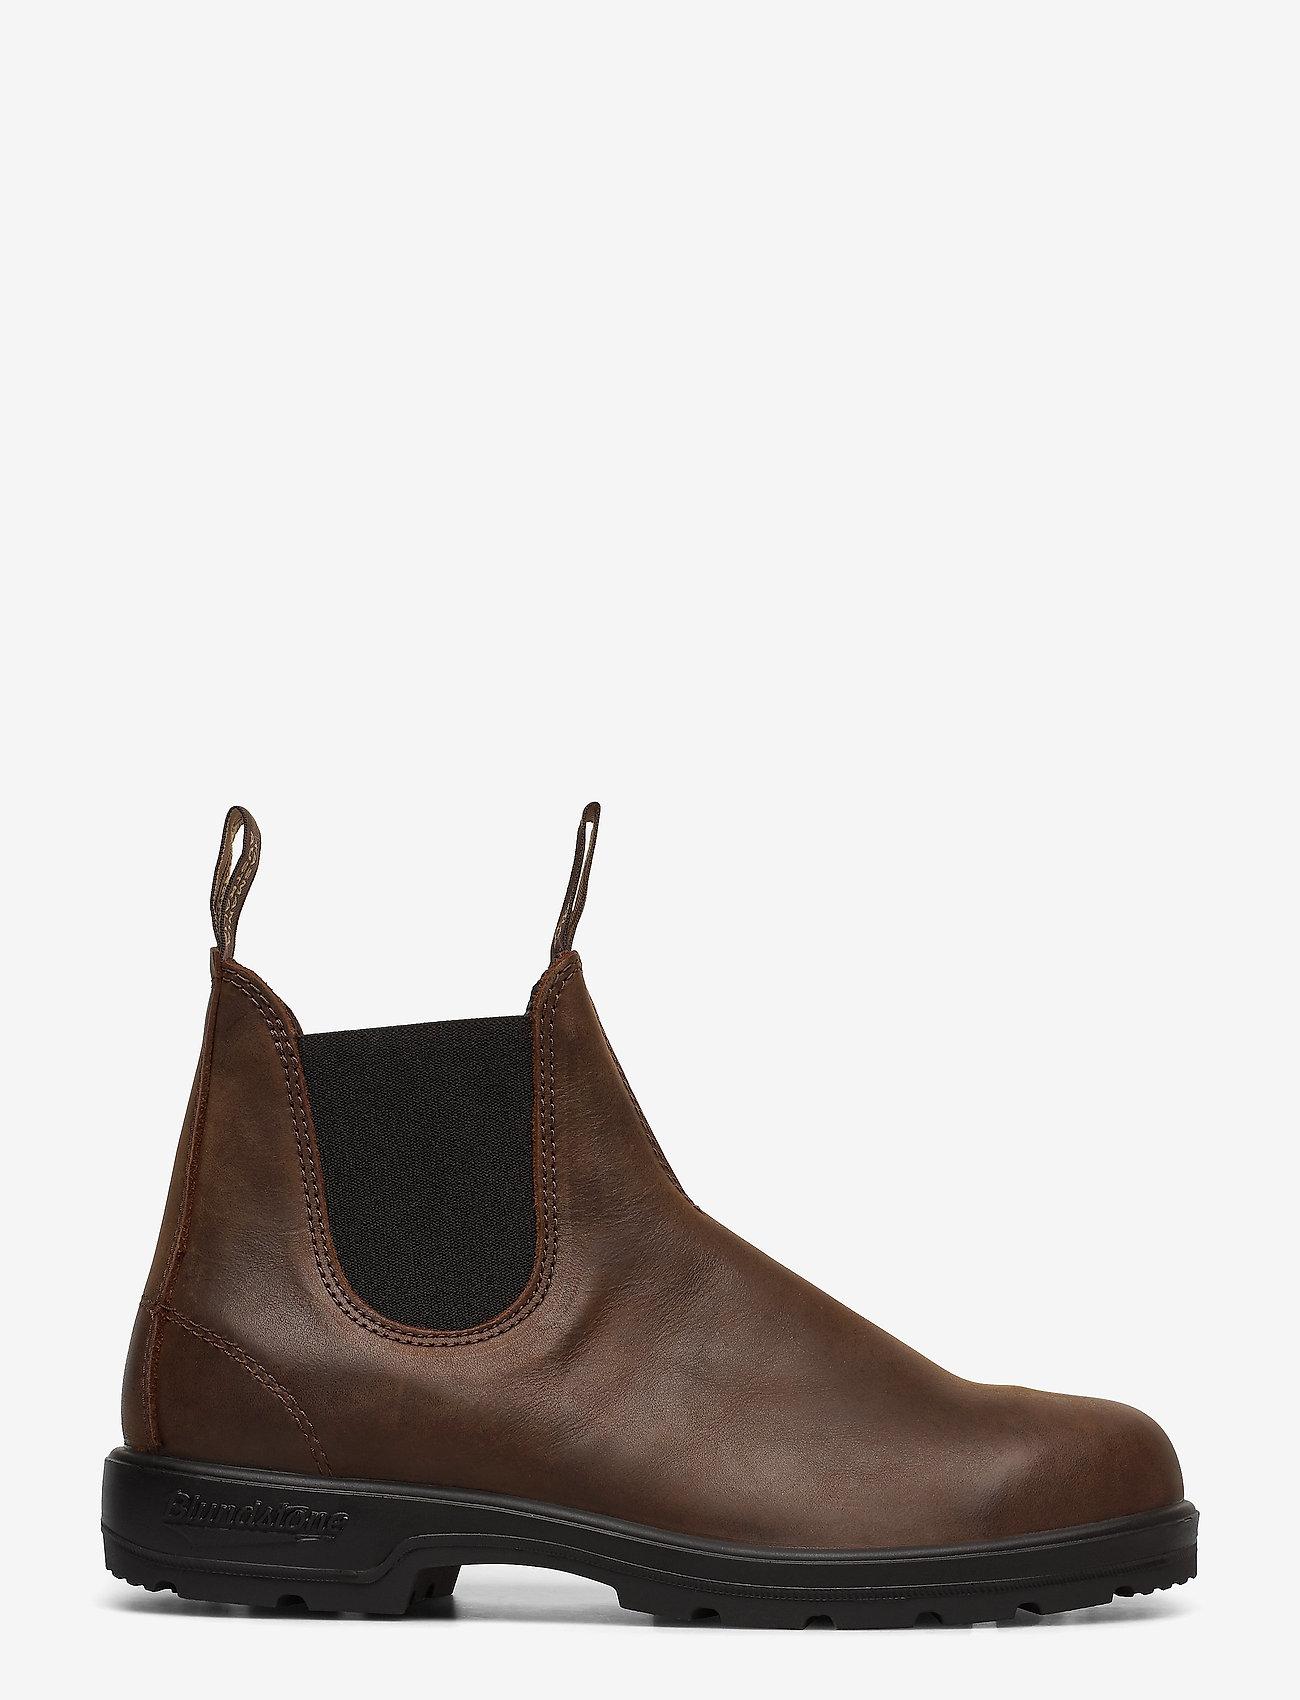 Blundstone - BL CLASSIC COMFORT (PU/TPU SOLE) - chelsea boots - antique brown - 0